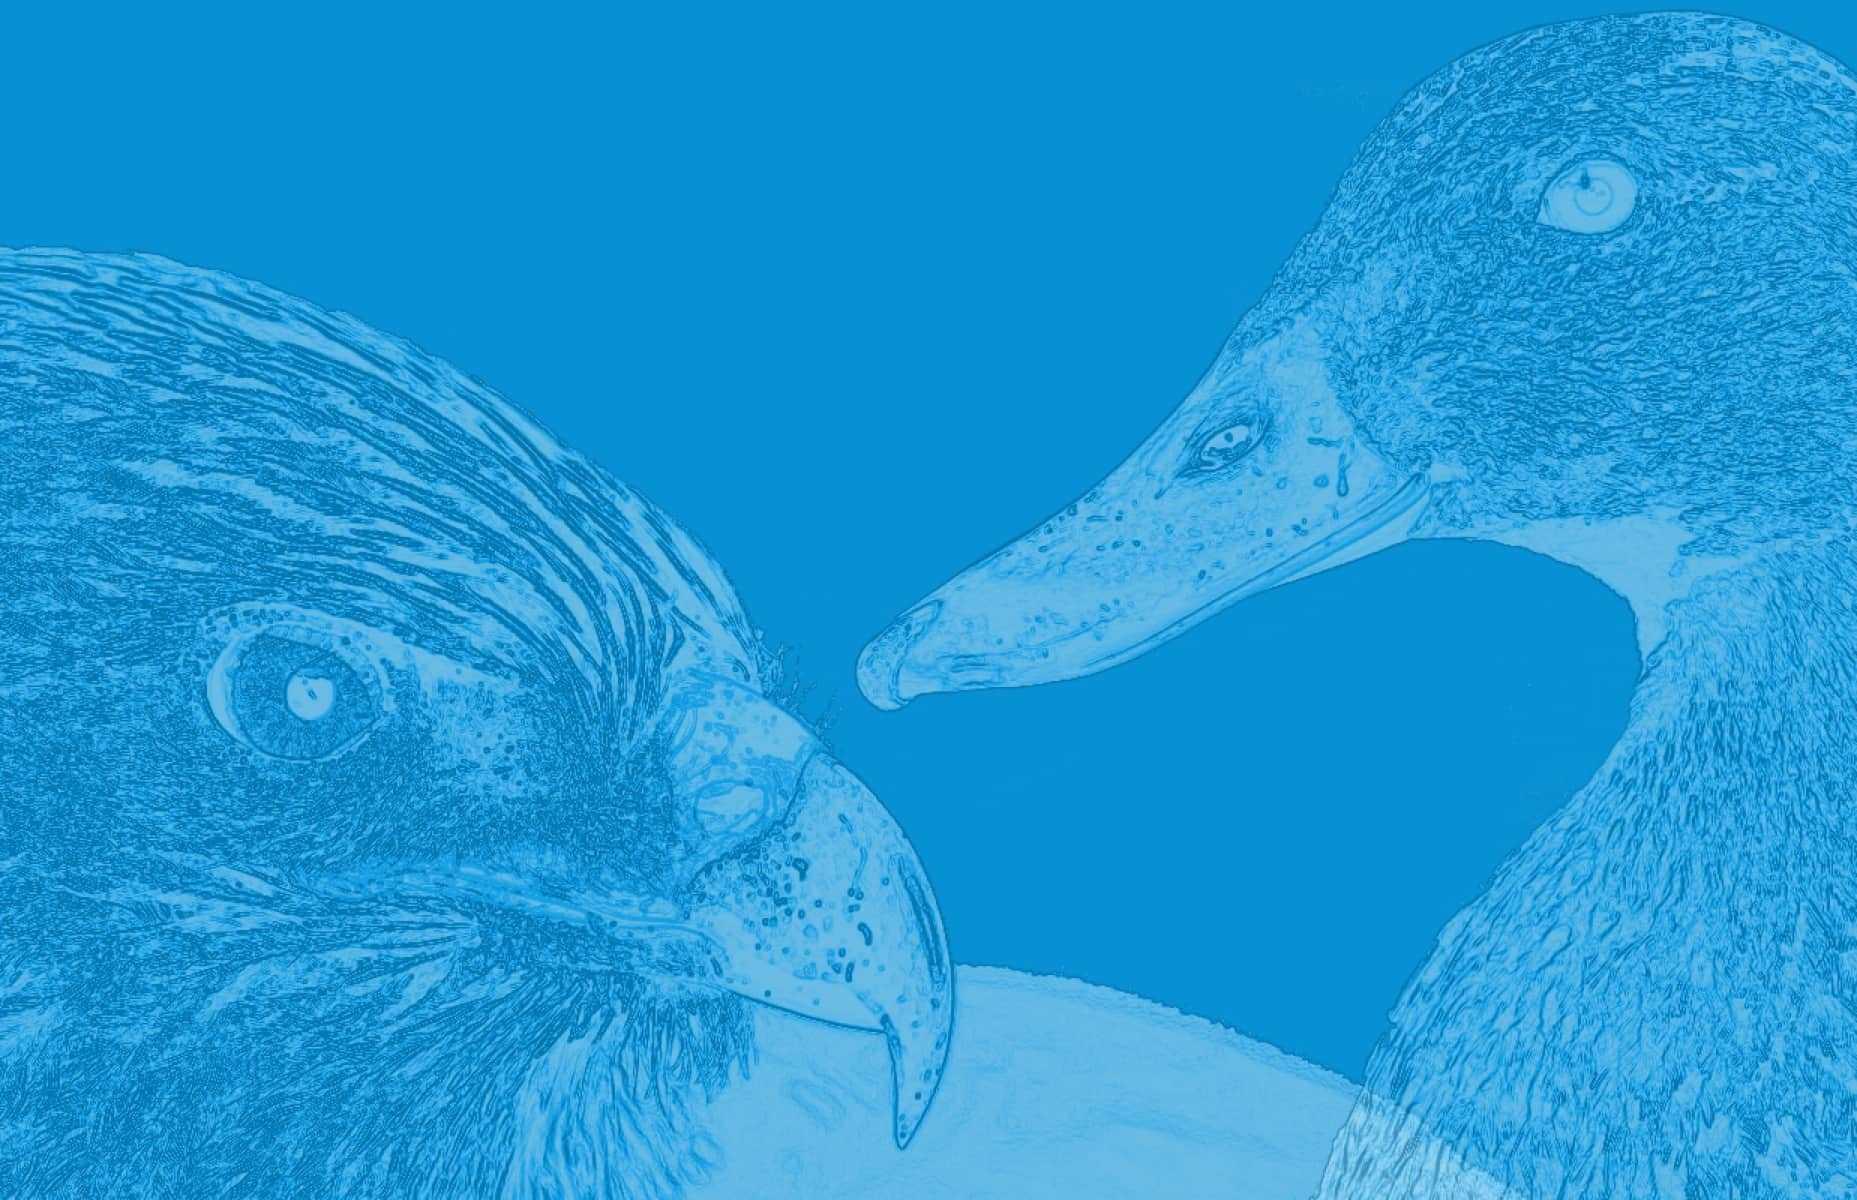 Digitalsunray beschreibt mit einem Adler und einer Ente wieso Digitalsunray ein guter Arbeitgeber ist